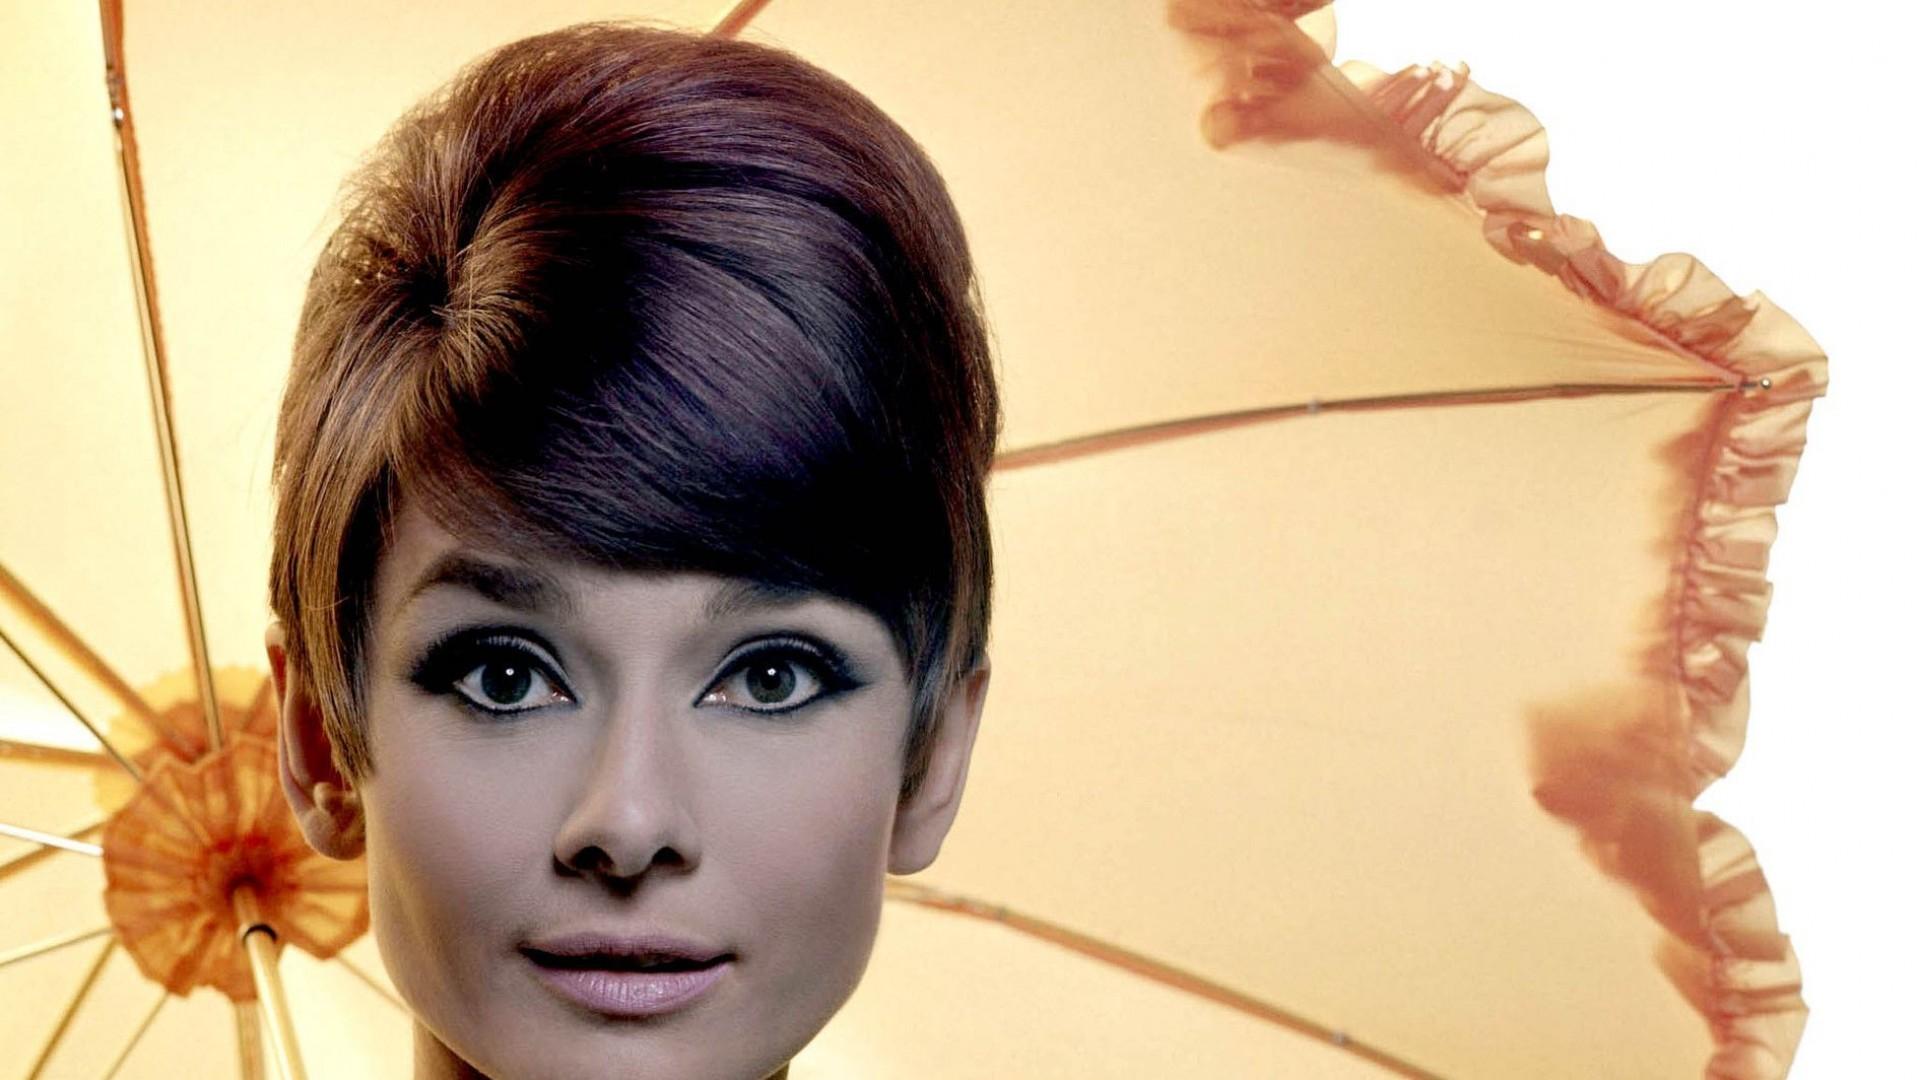 Audrey Hepburn Desktop Backgrounds   Wallpaper High Definition High 1920x1080